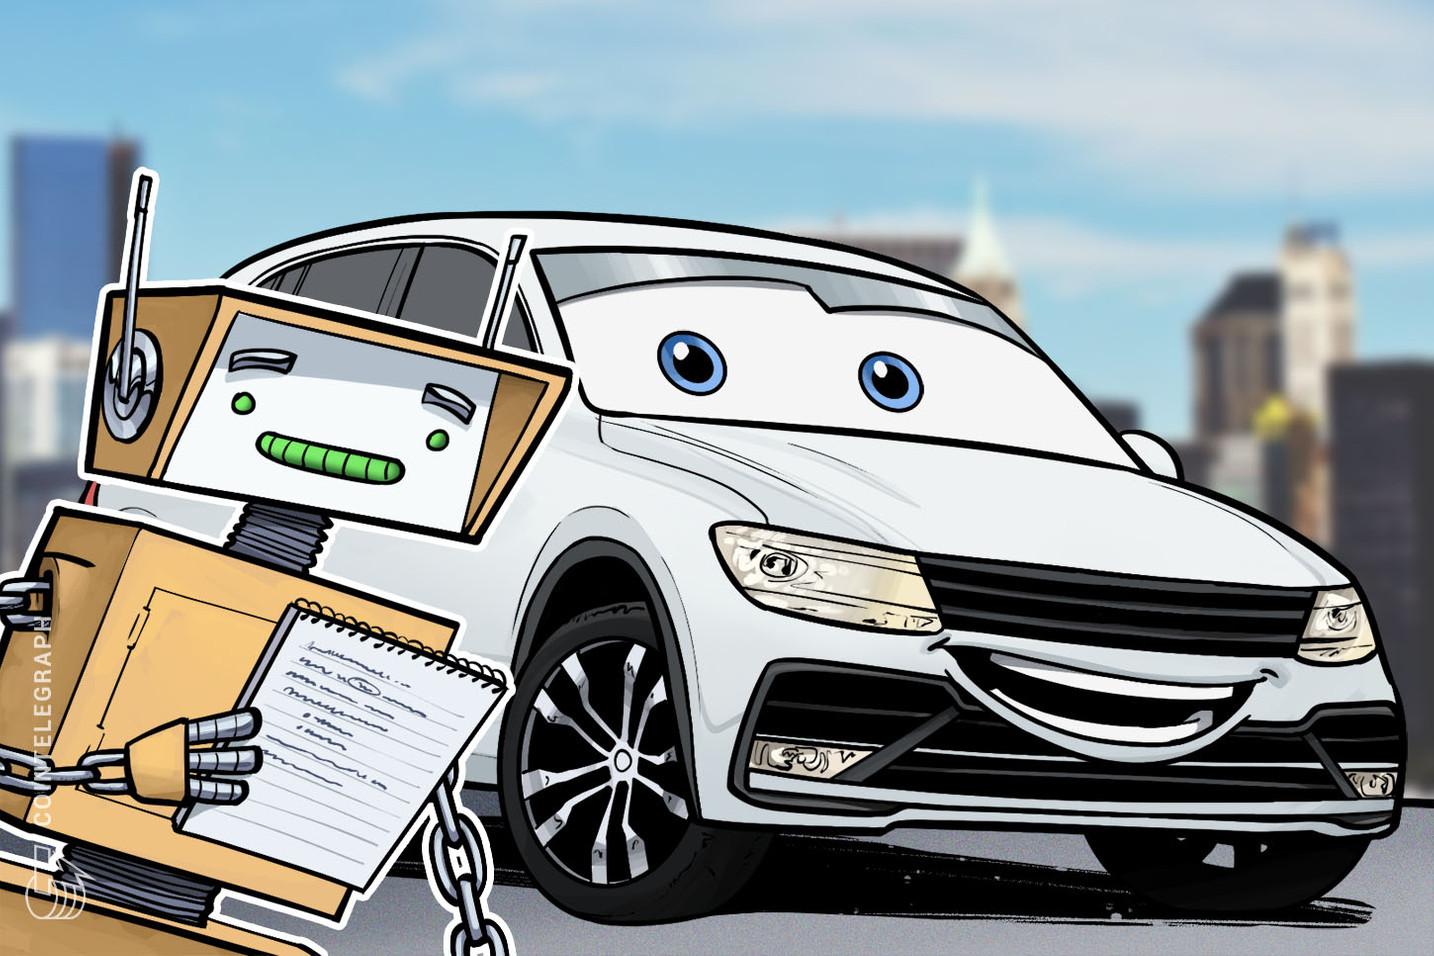 Großer US-Mobilfunkbetreiber beteiligt sich an Auto-Blockchain-Plattform